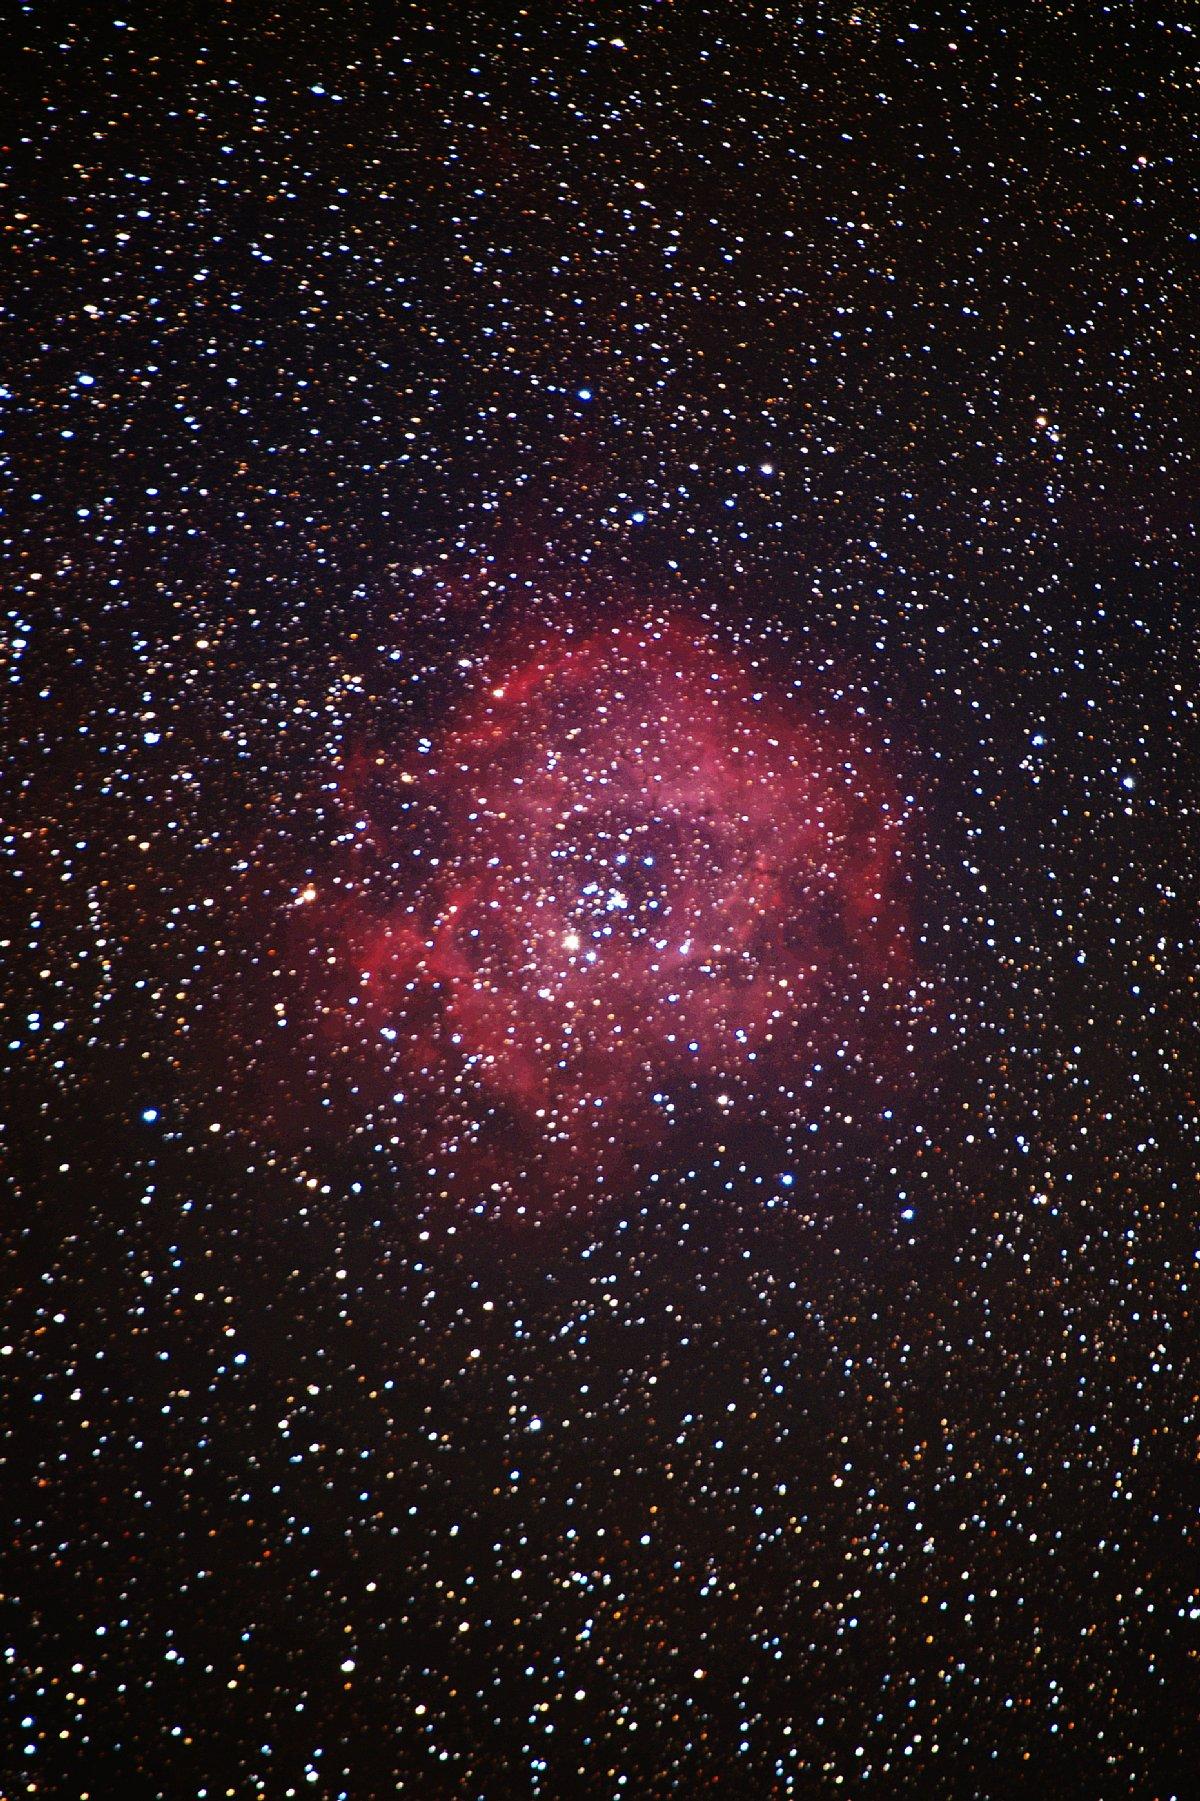 【星雲】ばら星雲